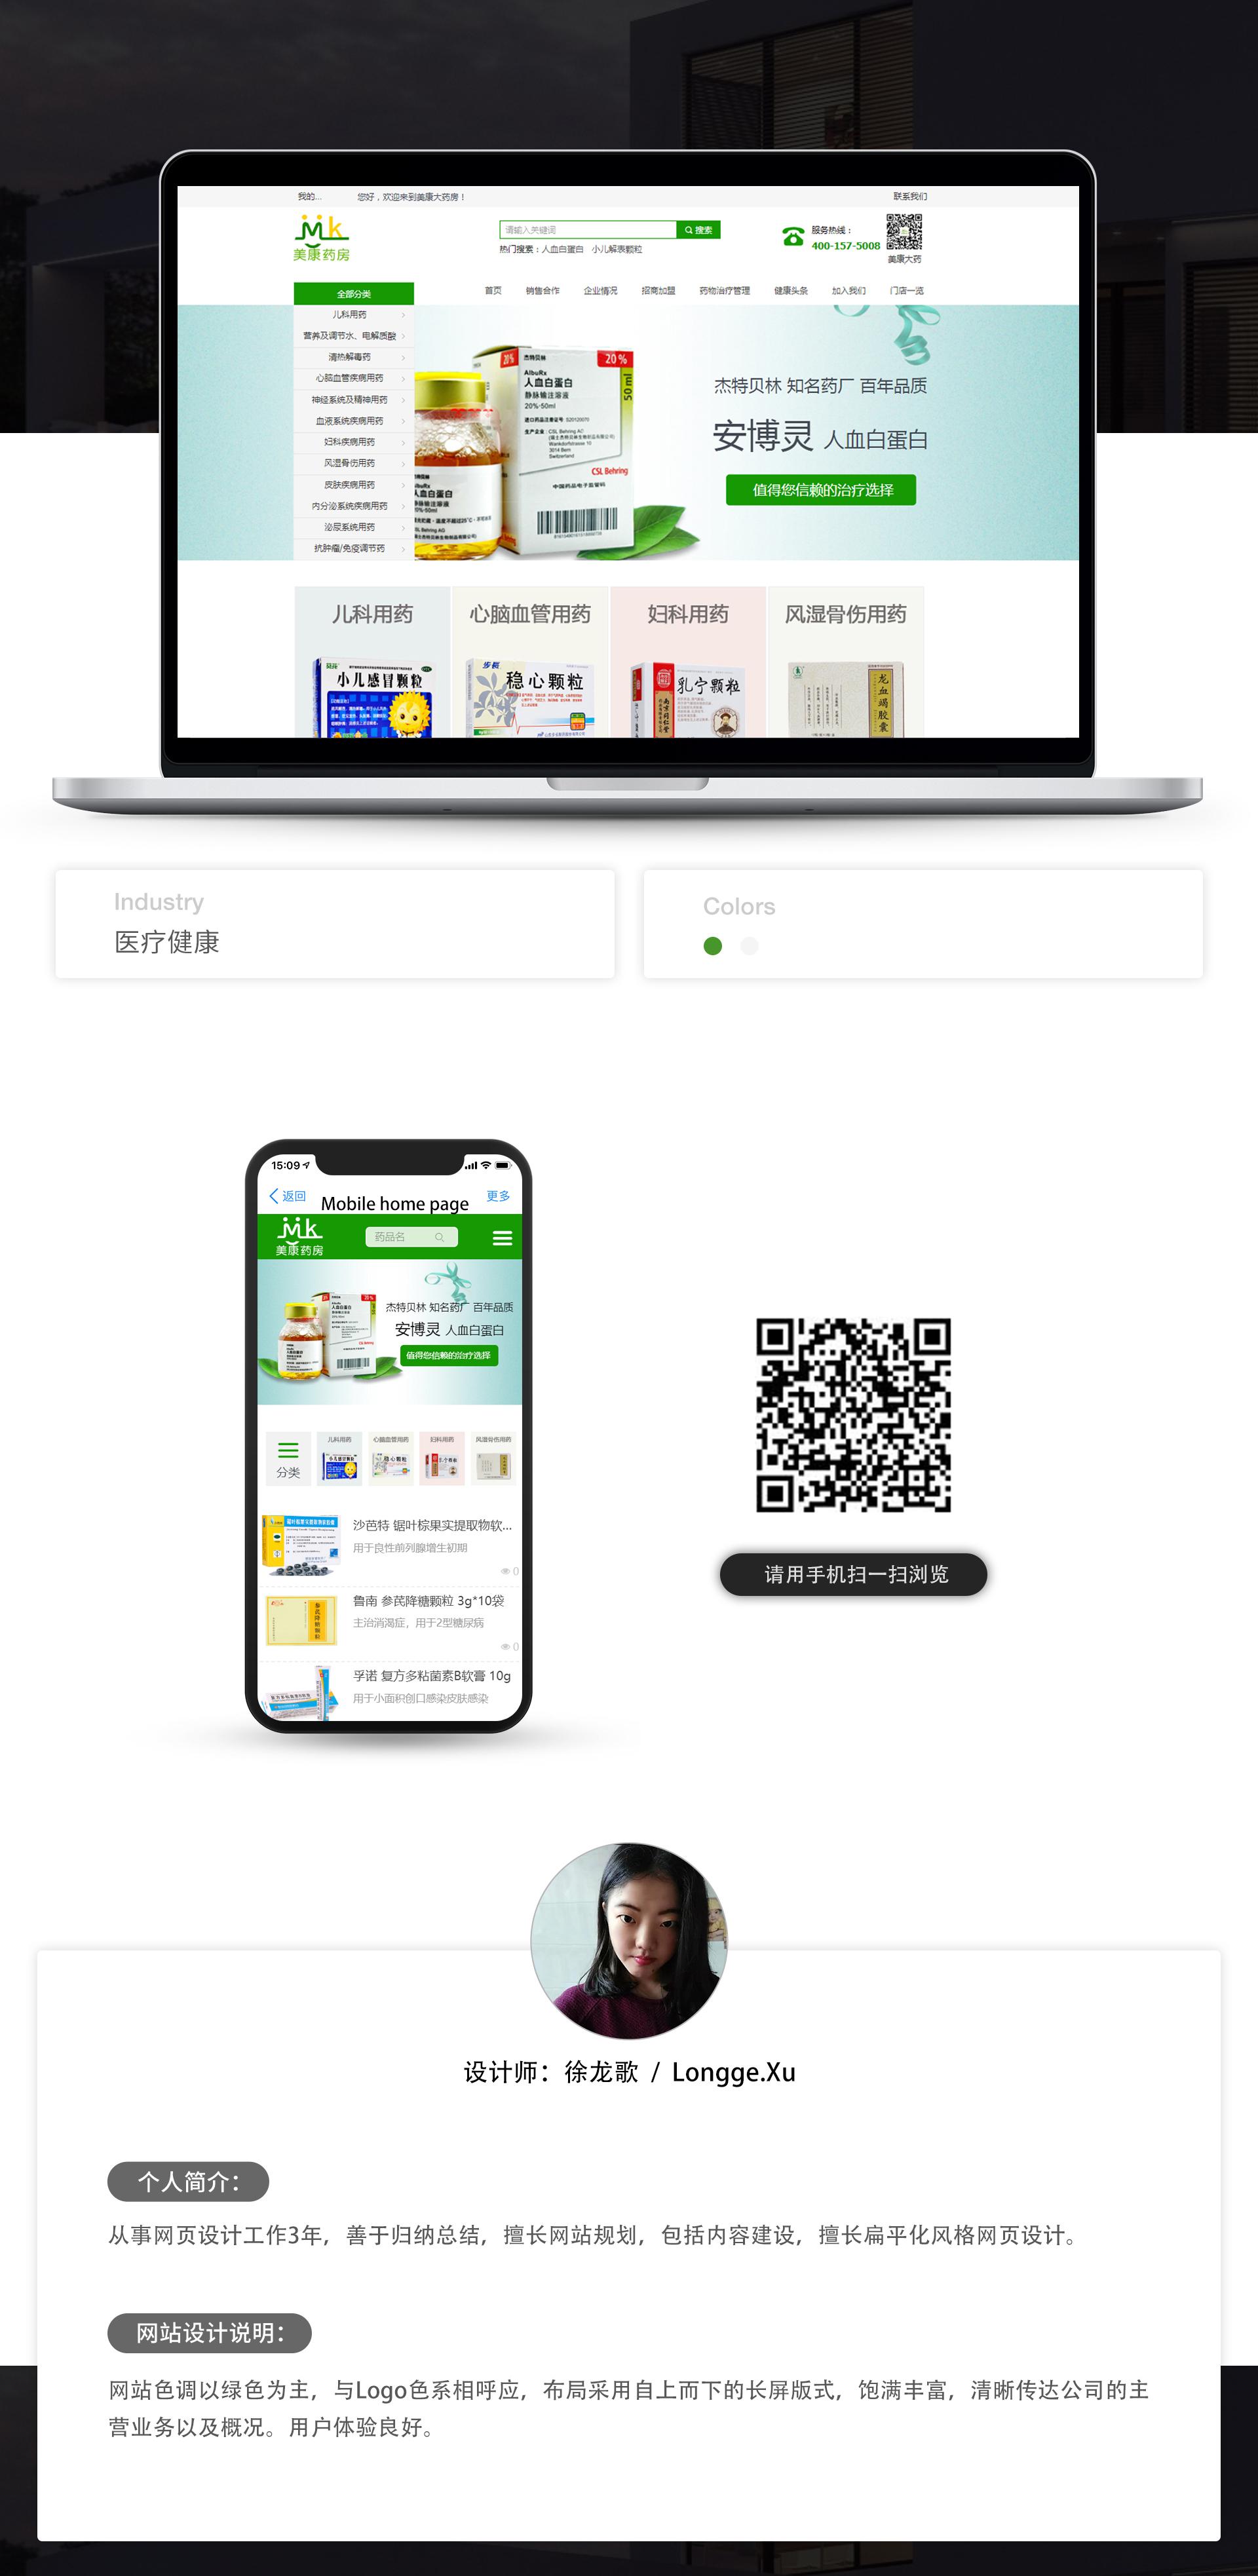 徐龙歌-云企案例设计2_01